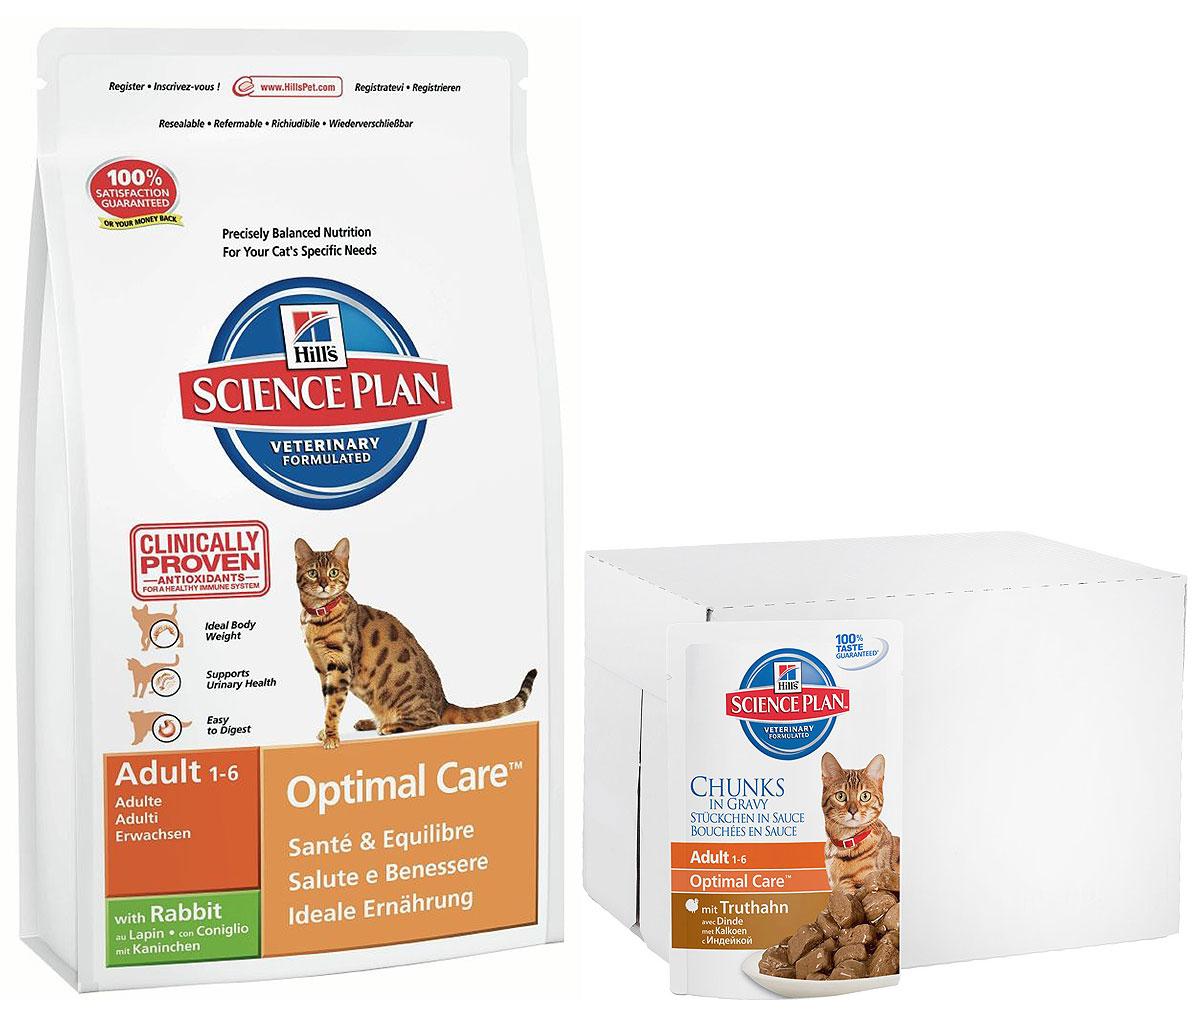 Корм сухой Hills Optimal Care, для взрослых кошек, кролик, 5 кг + ПОДАРОК: Консервы для кошек Hills, индейка, 85 г, 7 шт5150Hills Optimal Care - это полноценное, точно сбалансированное питание, приготовленное из ингредиентов высокого качества, без добавления красителей и консервантов. Каждый рацион Hills Optimal Care содержит эксклюзивный комплекс антиоксидантов с клинически подтвержденным эффектом для поддержки иммунной системы вашего питомца.Если вы решили перевести вашу кошку на рацион Hills Optimal Care, это необходимо сделать постепенно в течение 7 дней. Смешивайте прежний корм с новым, постоянно увеличивая долю последнего до полного перехода на Hills Optimal Care. Тогда ваш питомец сможет в полной мере насладиться вкусом и преимуществами превосходного питания, которое обеспечивает рацион Hills Optimal Care.Рекомендуется:- Кошкам в возрасте от 1 до 6 лет.Не рекомендуется:- Котятам.- Беременным и кормящим кошкам.Ключевые преимущества:- Высокая энергетическая ценность удовлетворяет потребность животного в энергии без необходимости скармливать большие порции.- Контролируемое содержание протеинов и натрия - точный баланс нутриентов для крепкого здоровья (не допускает избытка нутриентов, который может навредить здоровью).- Контролируемое содержание магния и фосфора поддерживает здоровье мочевыводящих путей.- Комплекс антиоксидантов нейтрализует действие свободных радикалов и поддерживает иммунитет.В подарок к сухому корму идут 7 паучей с консервированным кормом.Состав (с кроликом): мука из курицы и индейки, кукуруза, рис, животный жир, мука из кукурузного глютена, мука из мяса кролика (7%), минералы, гидролизат белка, высушенная мякоть свеклы, рыбий жир, таурин, L-лизина гидрохлорид, L-триптофан, витамины, микроэлементы и бета-каротин. Содержит натуральные консерванты – смесь токоферолов и лимонную кислоту.Гарантированный анализ: протеин 32,3 %, жиры 20,4 %, углеводы (БЭВ) 34,8 %, клетчатка (общая) 1,2 %, влага 5,5 %, кальций 0,92 %, фосфор 0,75 %, натрий 0,35 %, ка